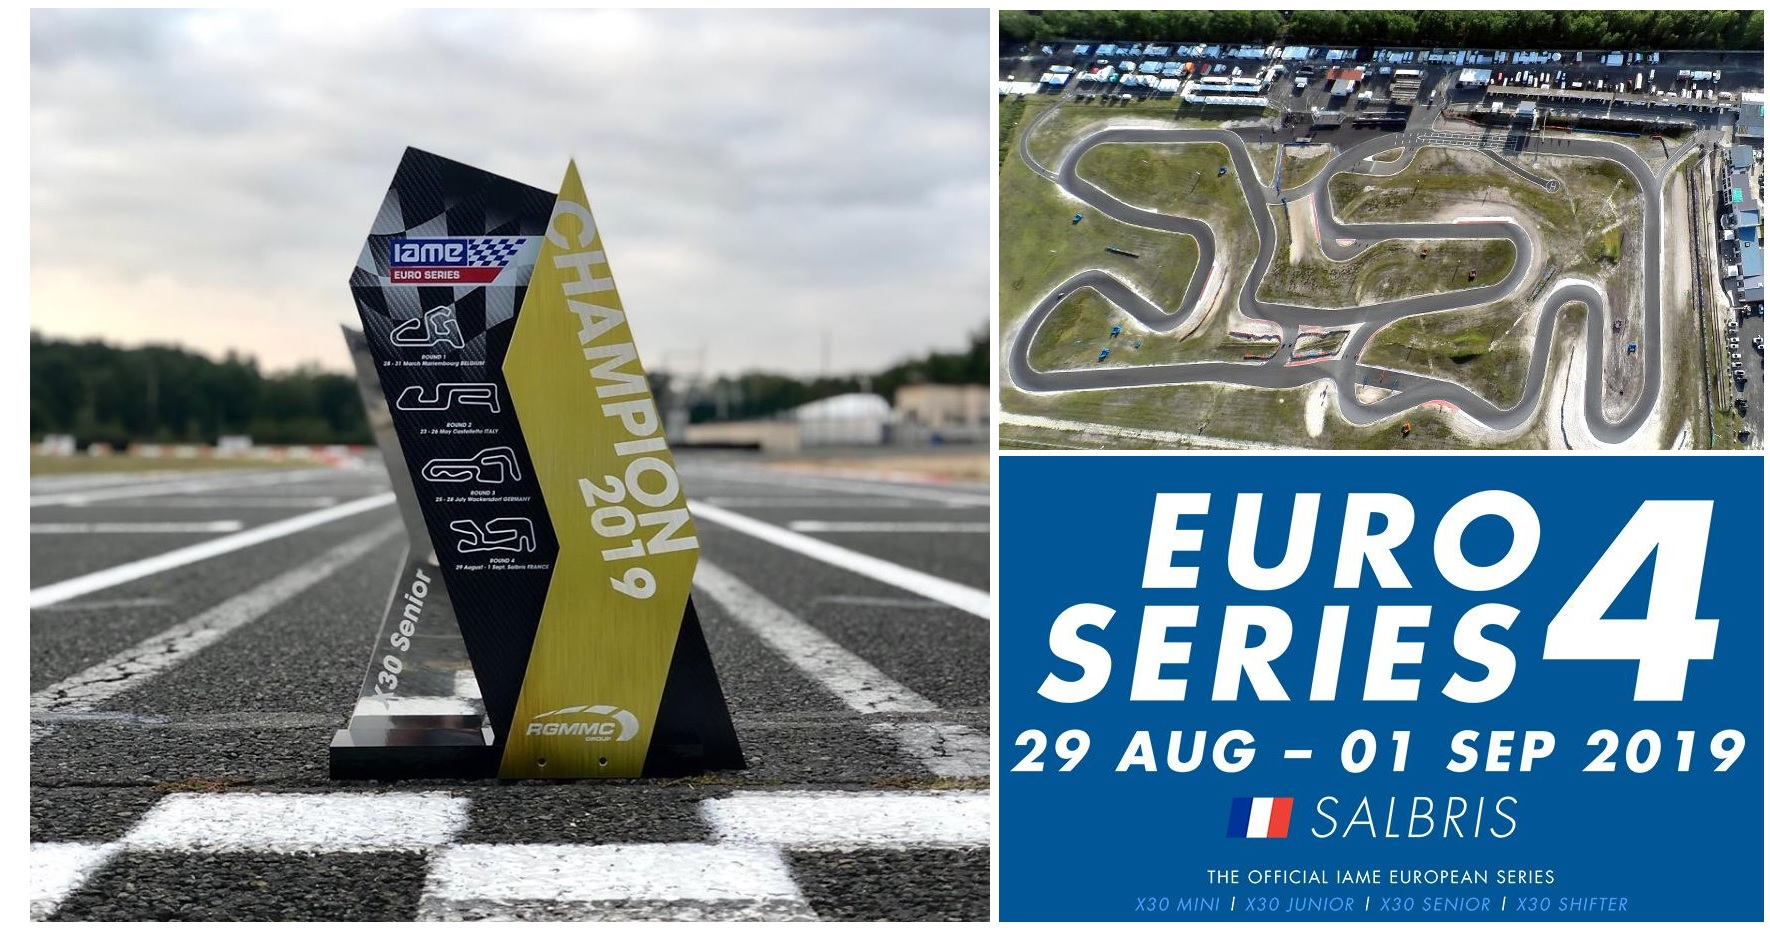 Iame Euro Series Salbris: Final de campeonato con altas expectativas